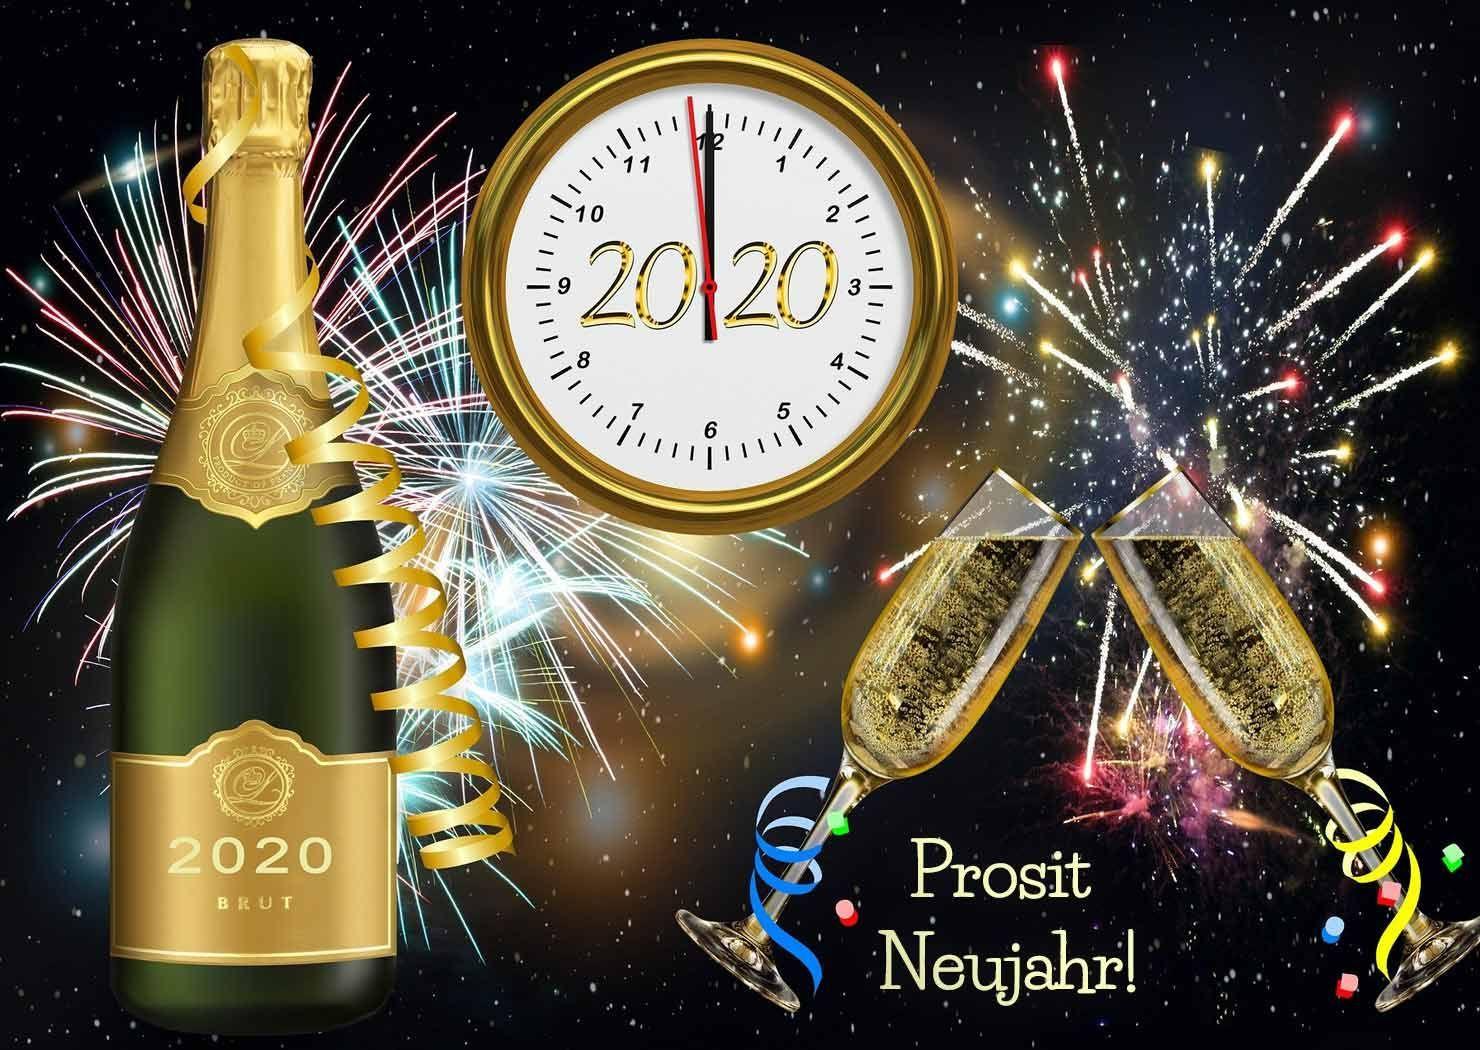 Prosit Neujahr 2020! gesundesneuesjahr2020